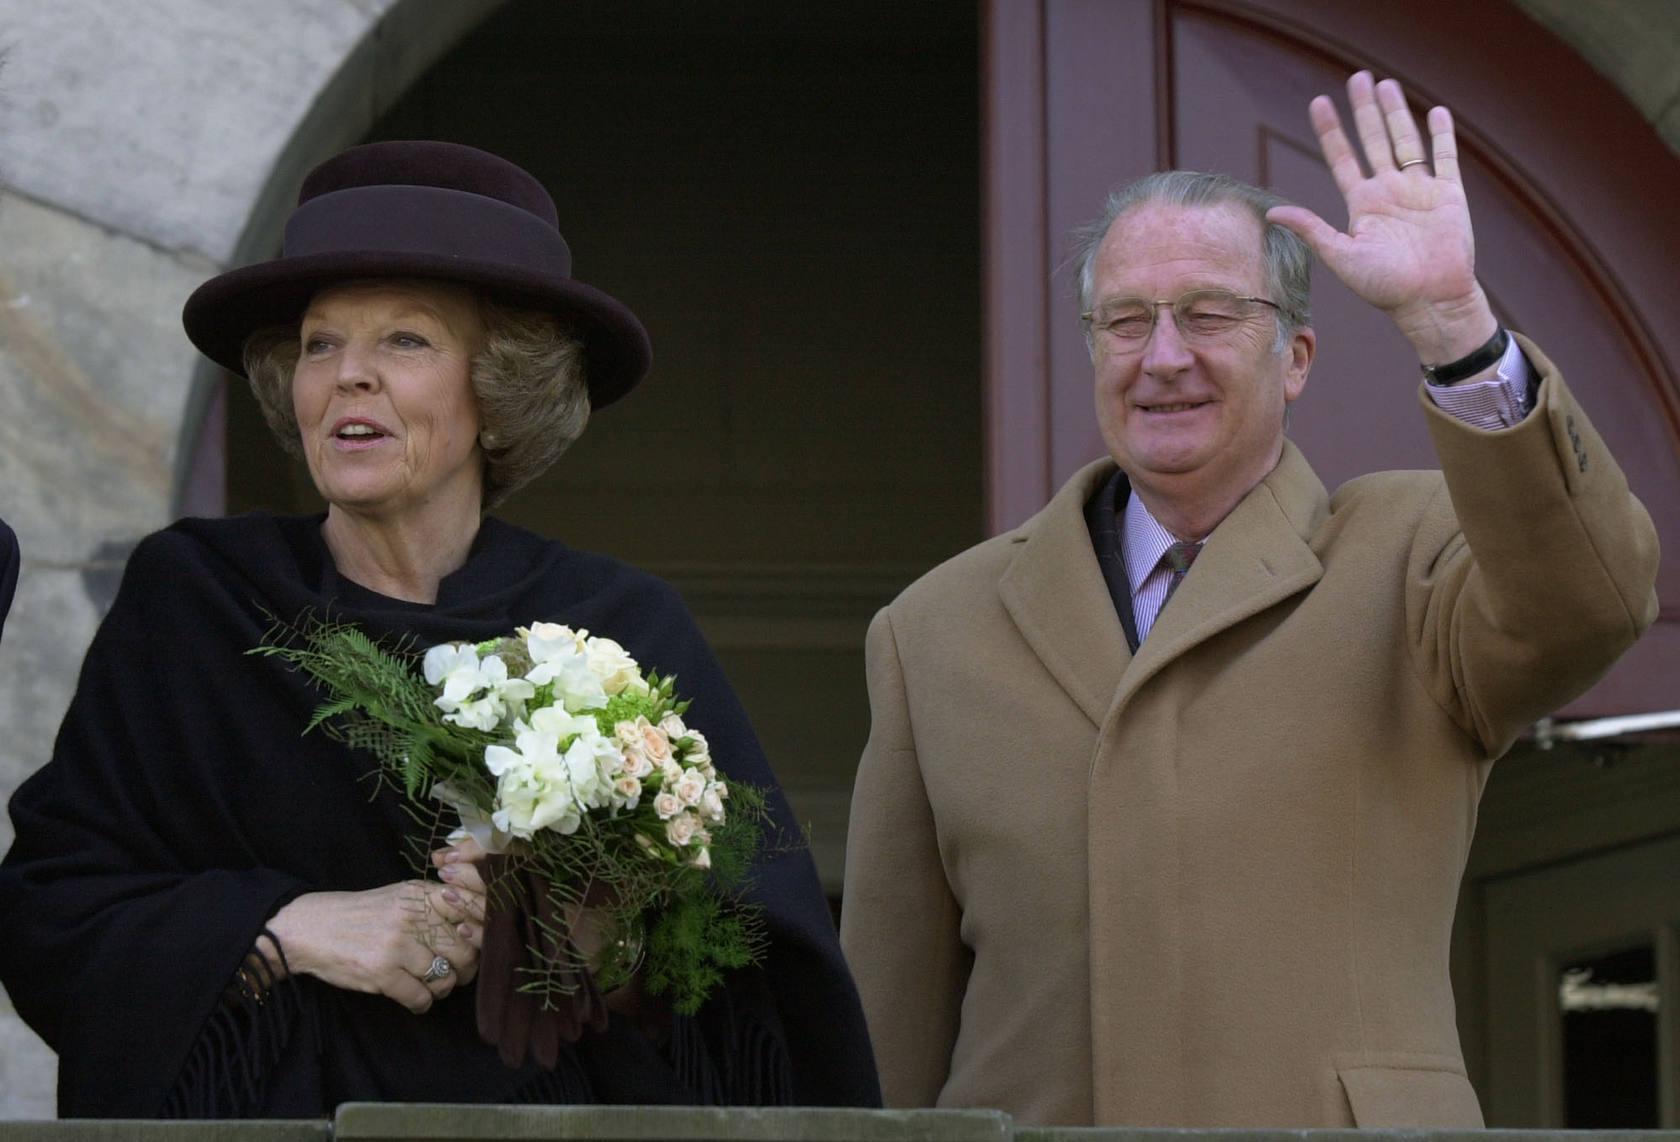 La vida de Alberto II de Bélgica, en imágenes